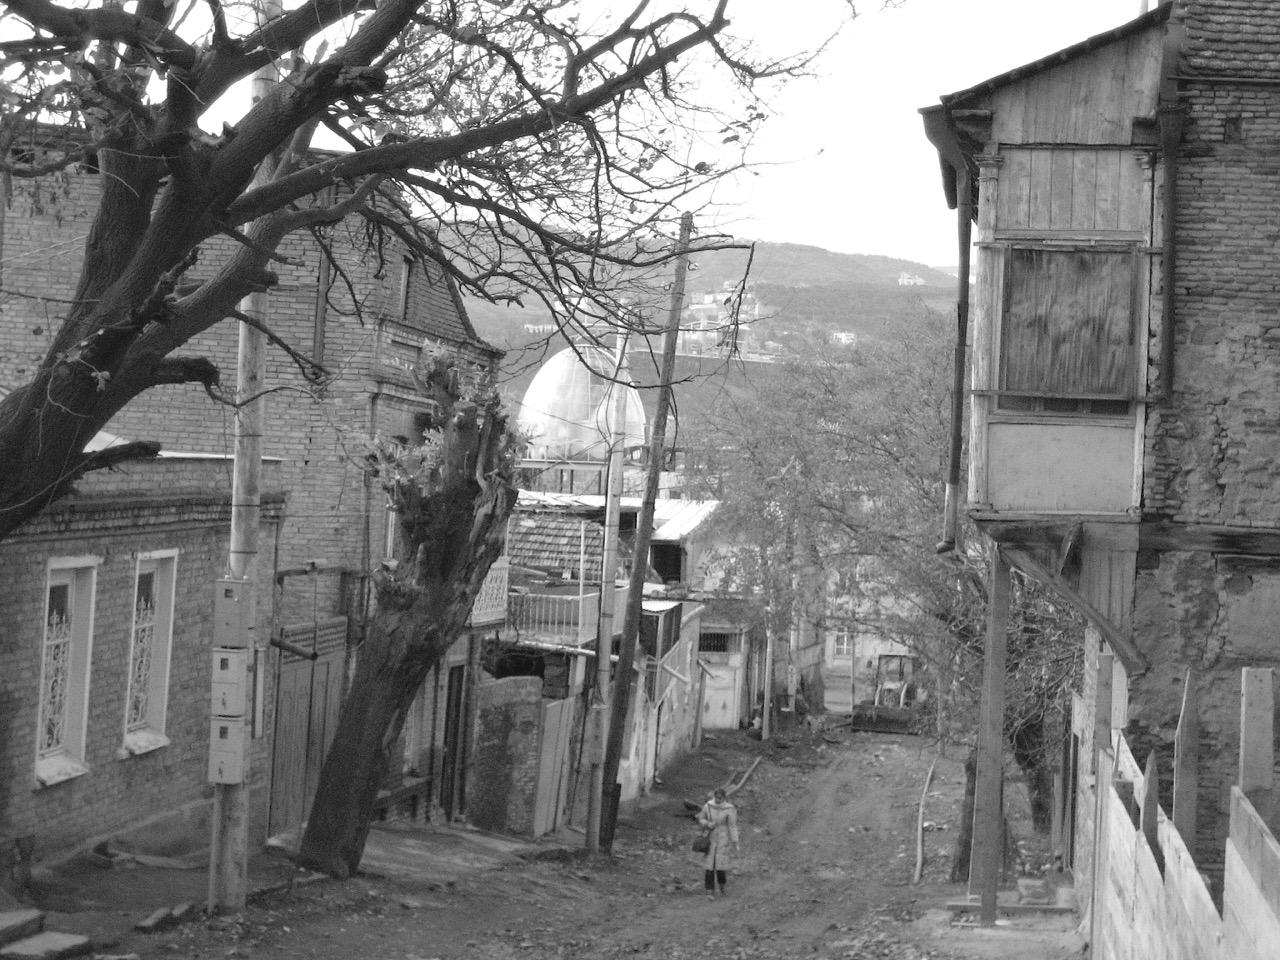 Foto: Straßenszene Tbilissi. Aus: Eriwan. Kapitel 1. Aufzeichnungen aus Armenien von Marc Degens.